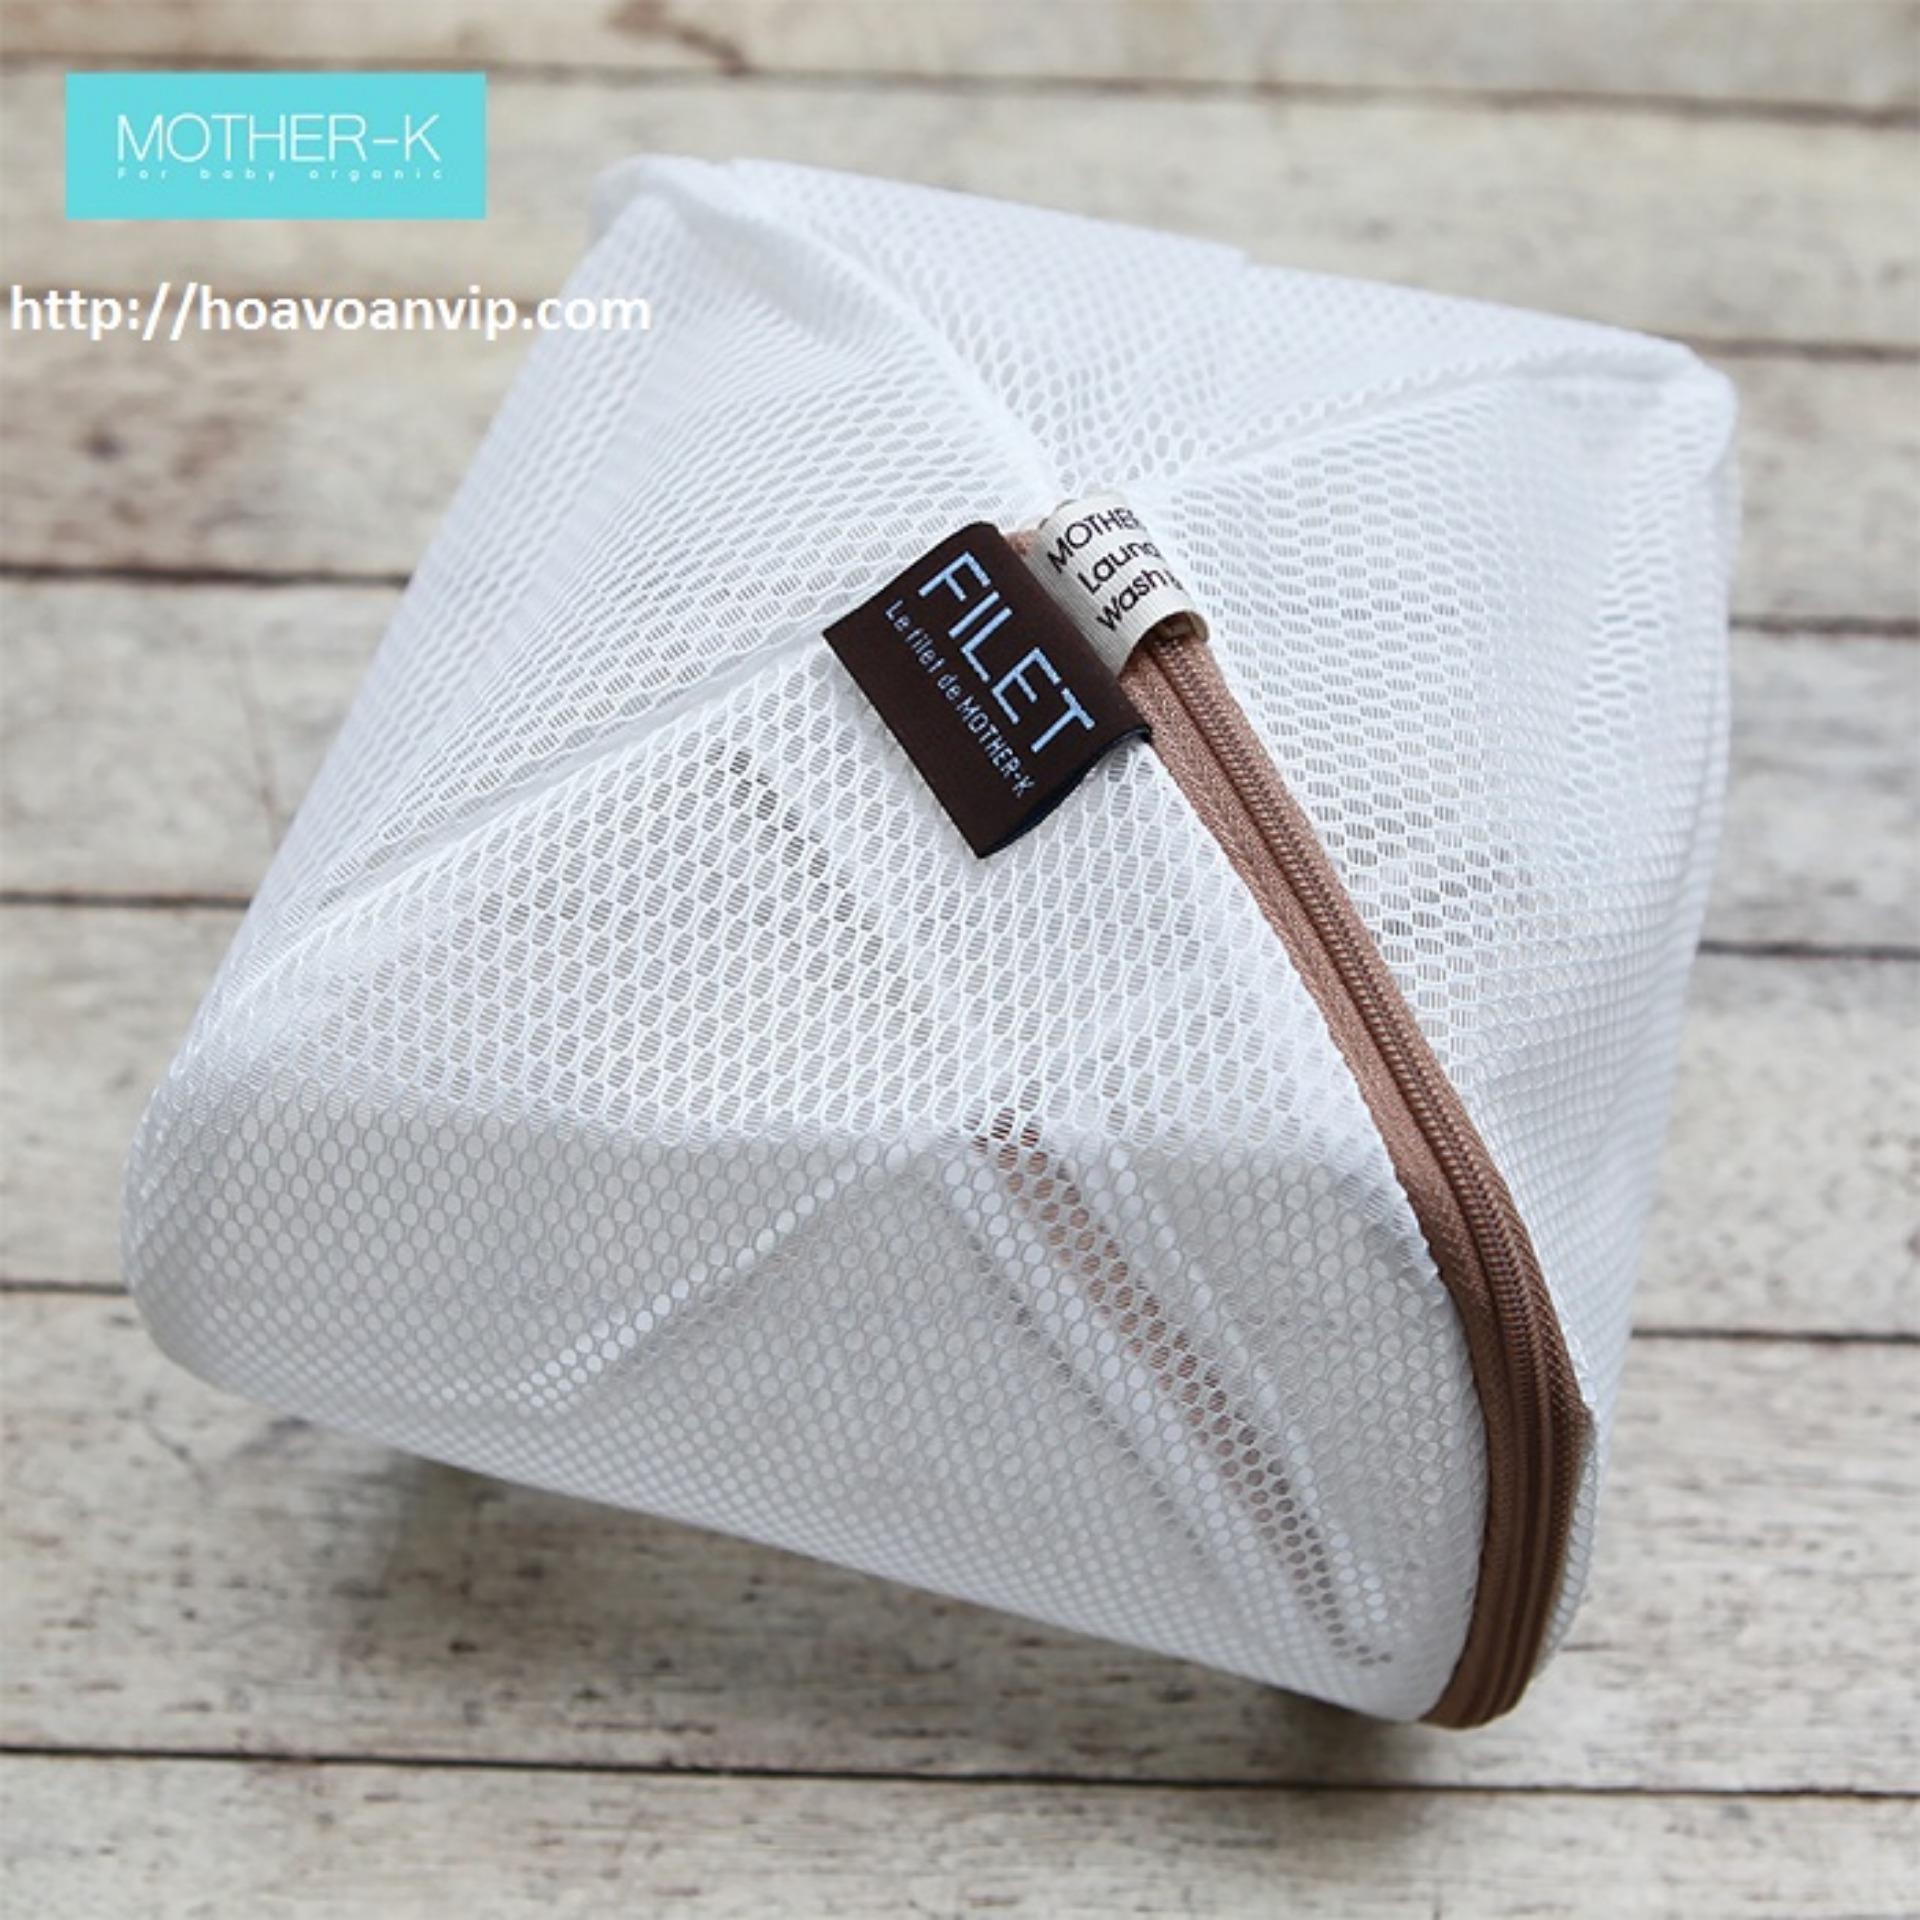 Túi Giặt Đồ Quả Trám Cho Bé Mother-K Size S - VKM13017